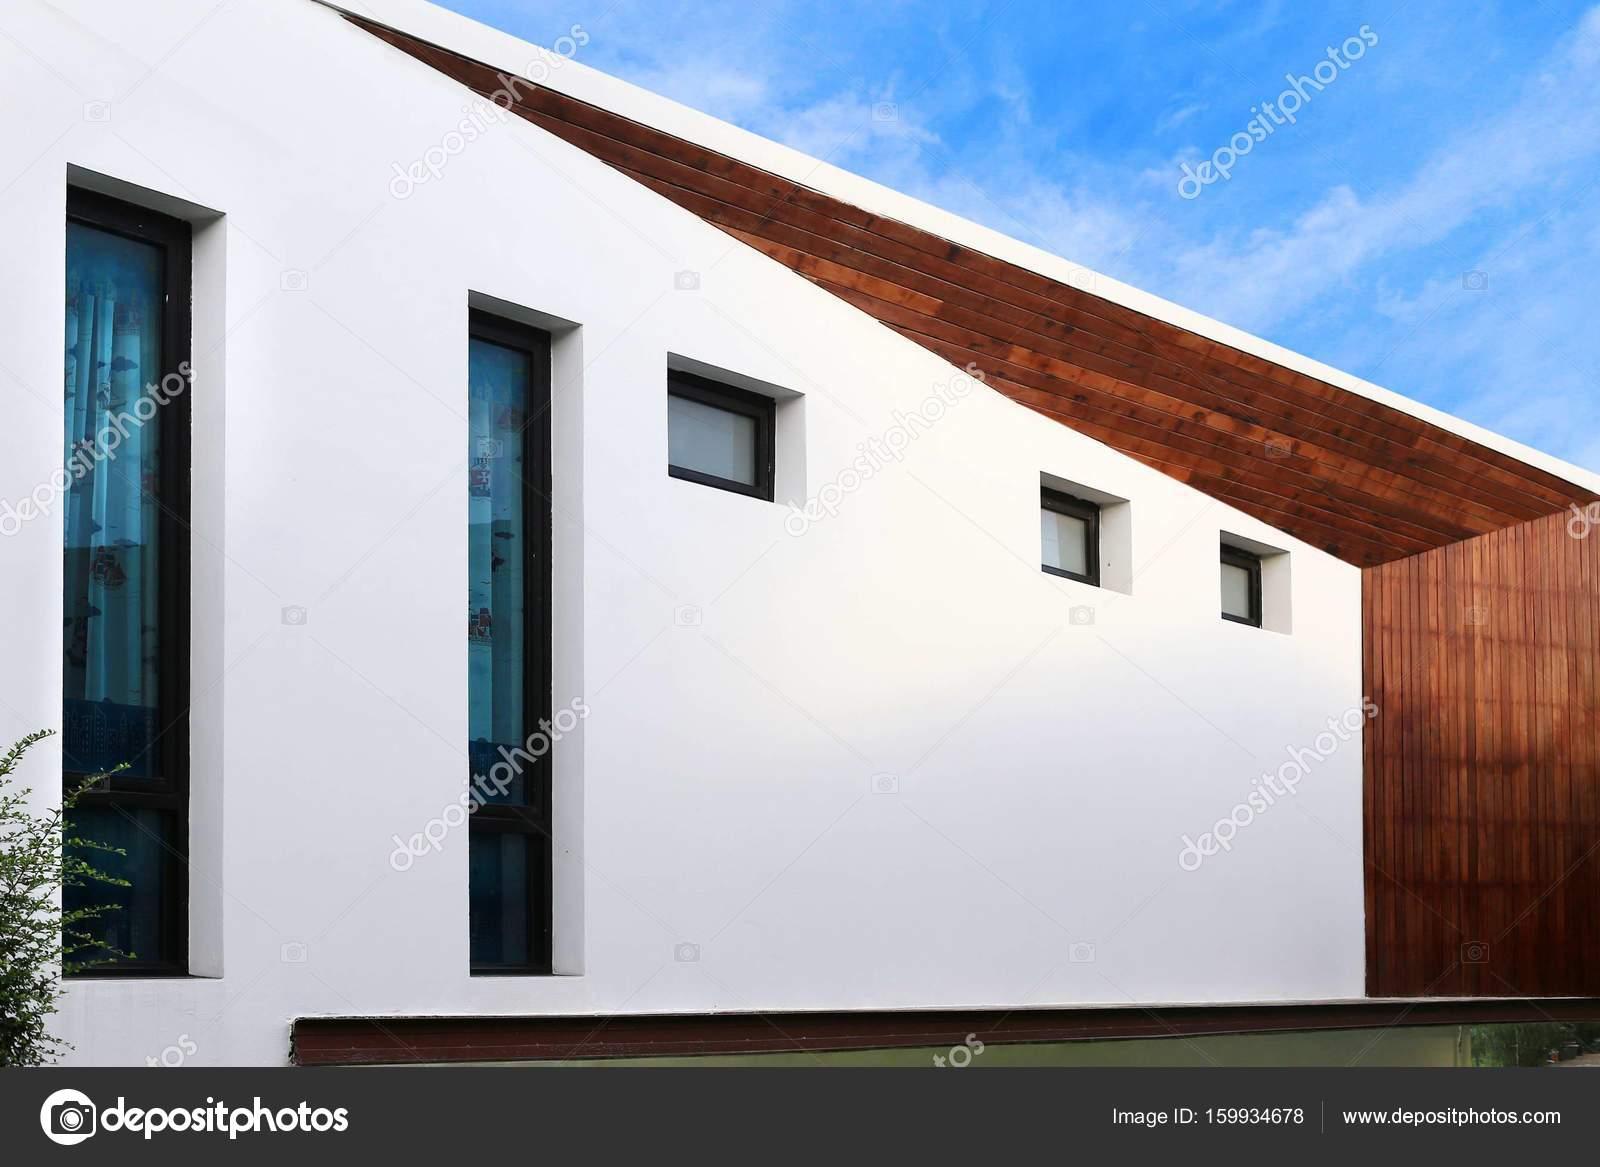 Moderne Architektur In Beton Und Holz Mit Kleinen Garten Rasen Stockfoto